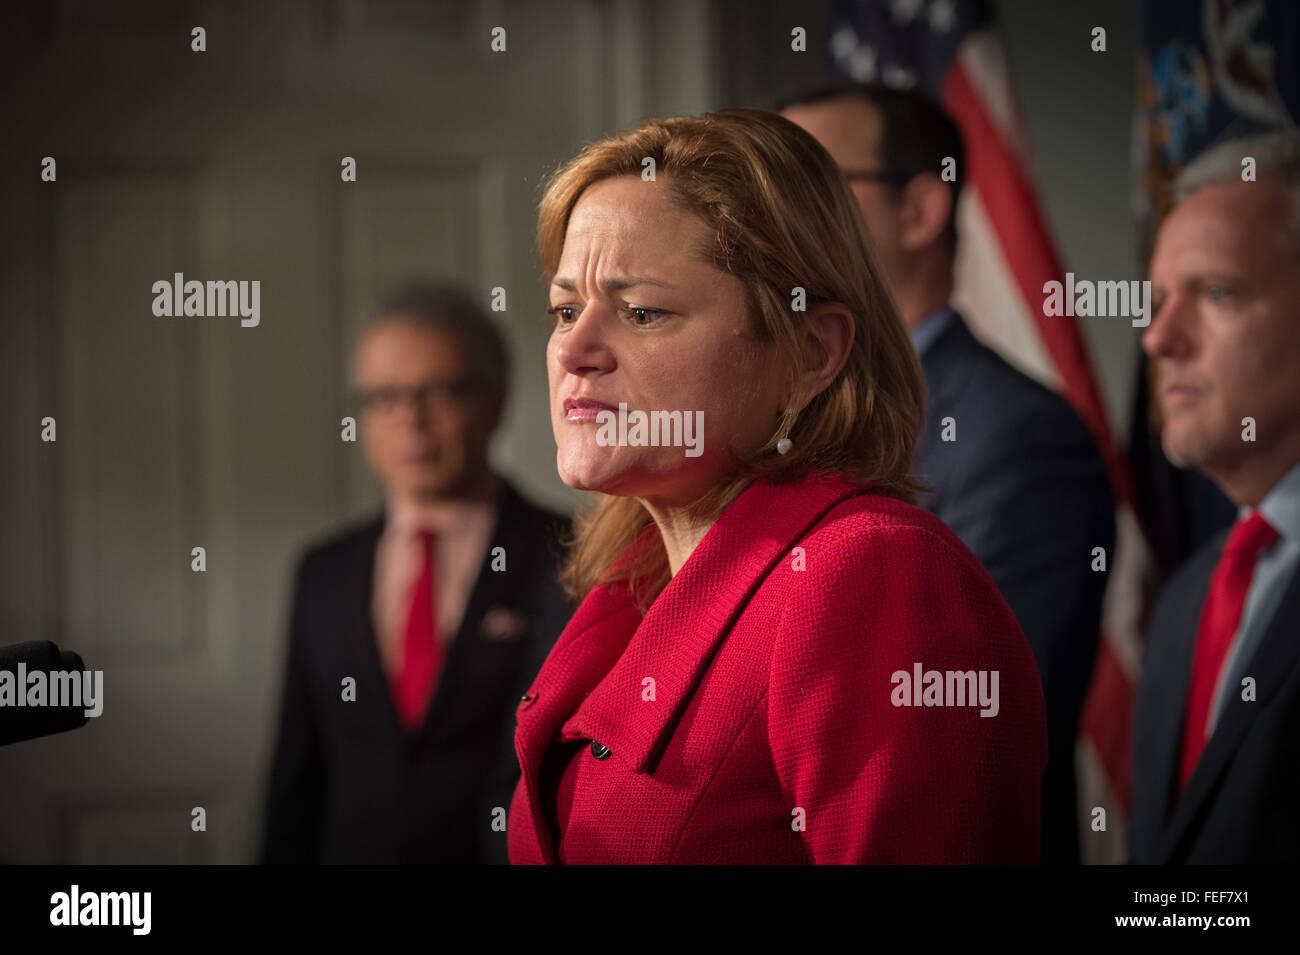 Feb. 5, 2016 - New York, NY, U.S. - New York City Council Speaker MELISSA MARK-VIVERITO, joined by City Council Stock Photo